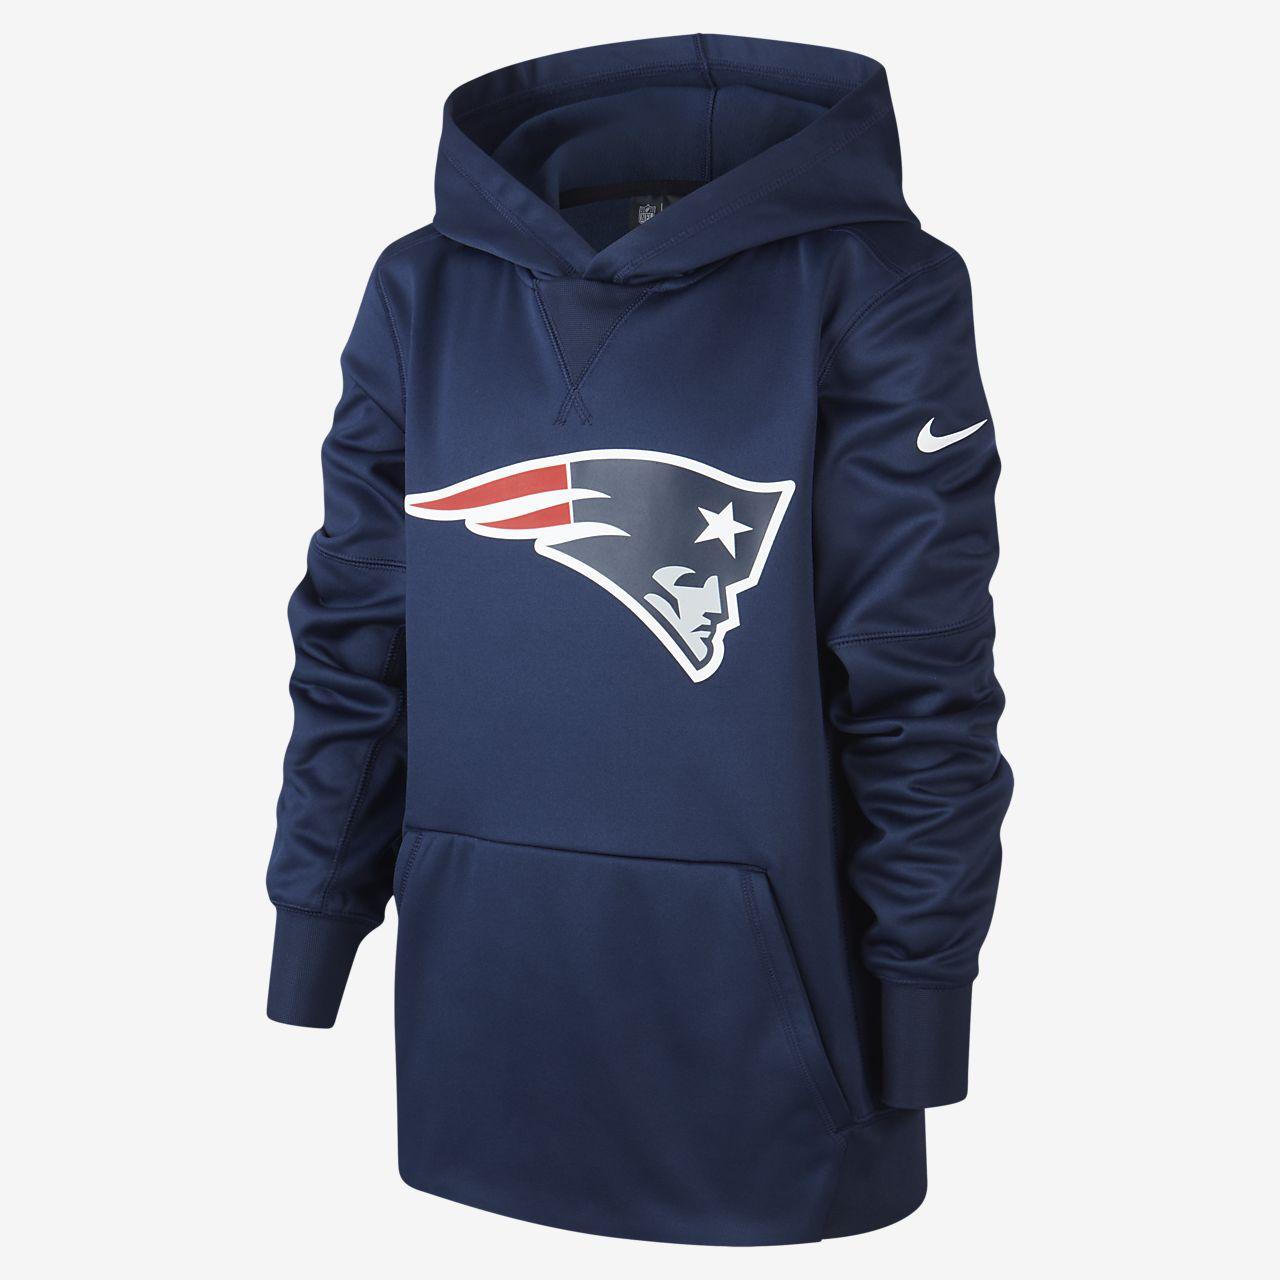 Nike (NFL Patriots) Older Kids' Hoodie